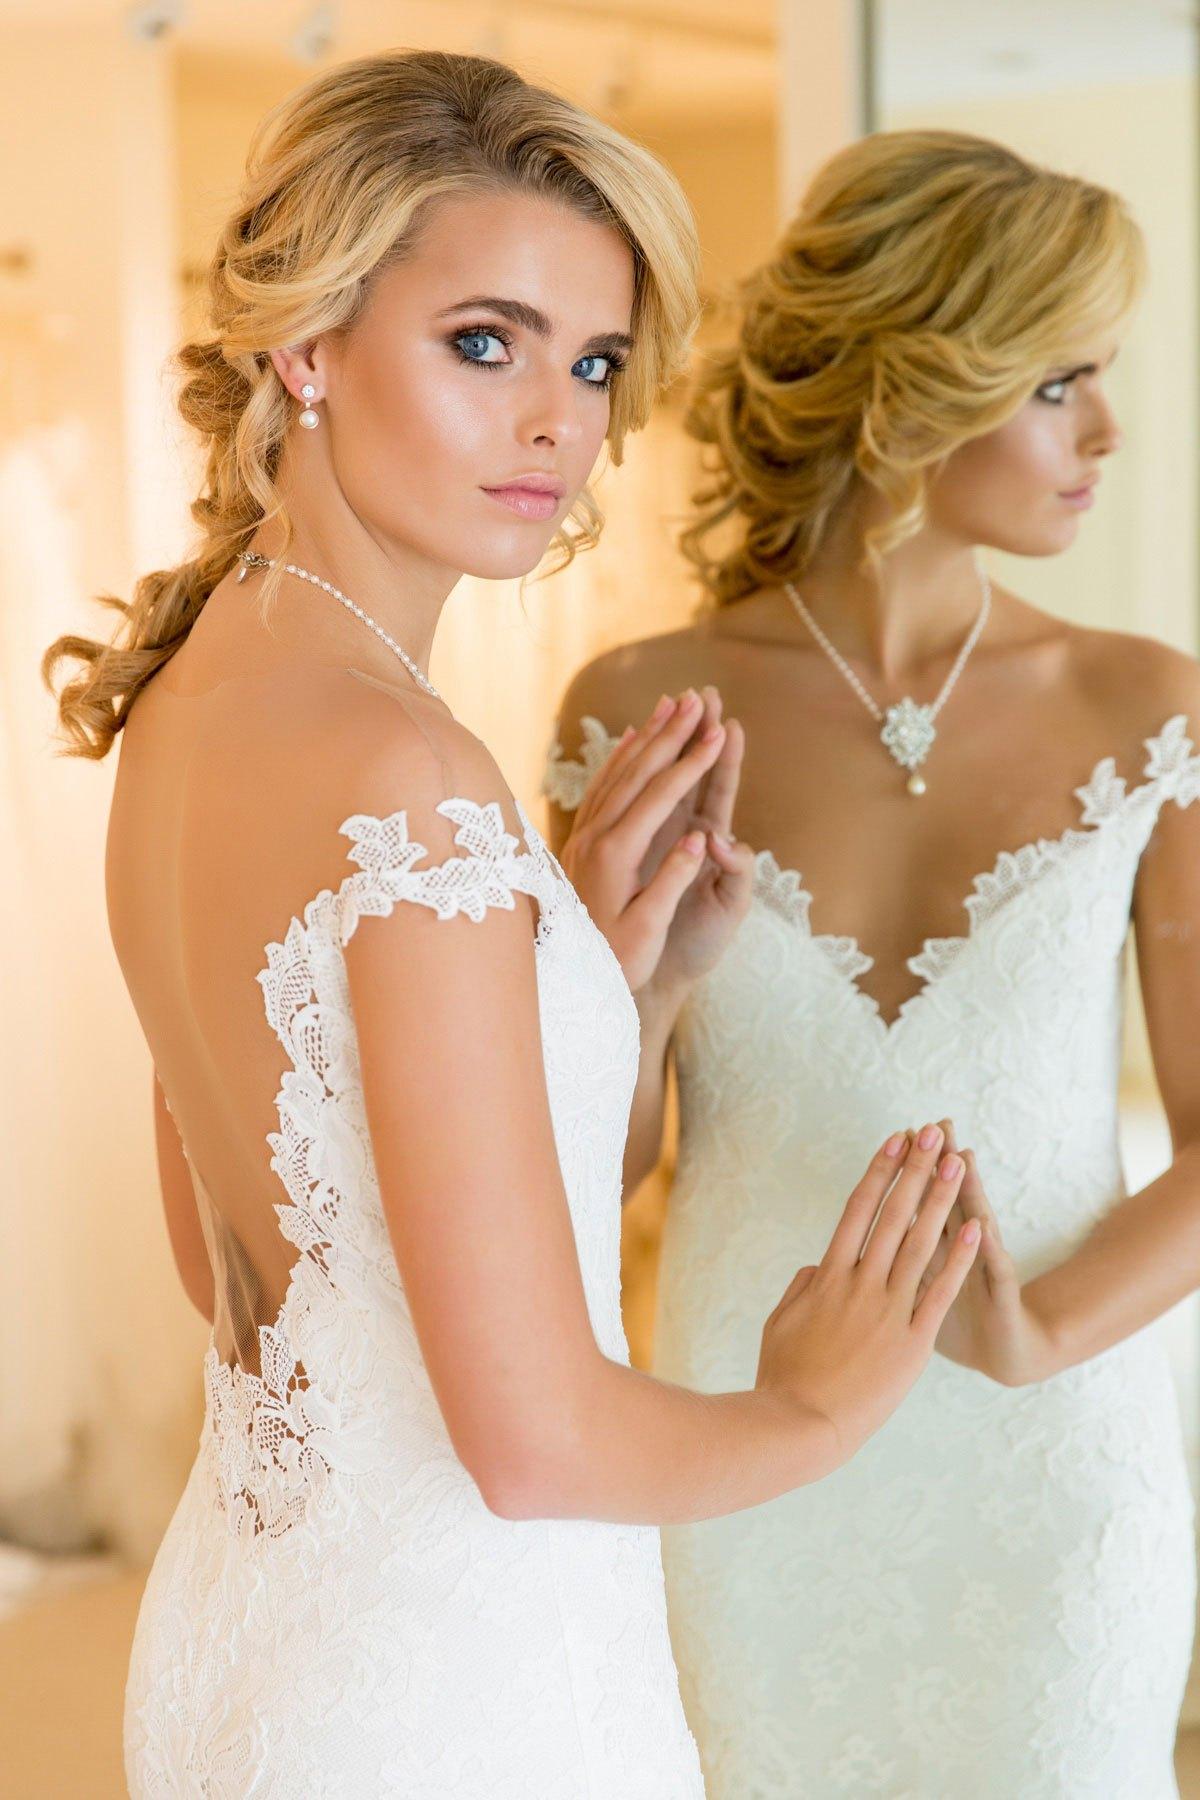 Evie Stretch Lace Wedding Dress